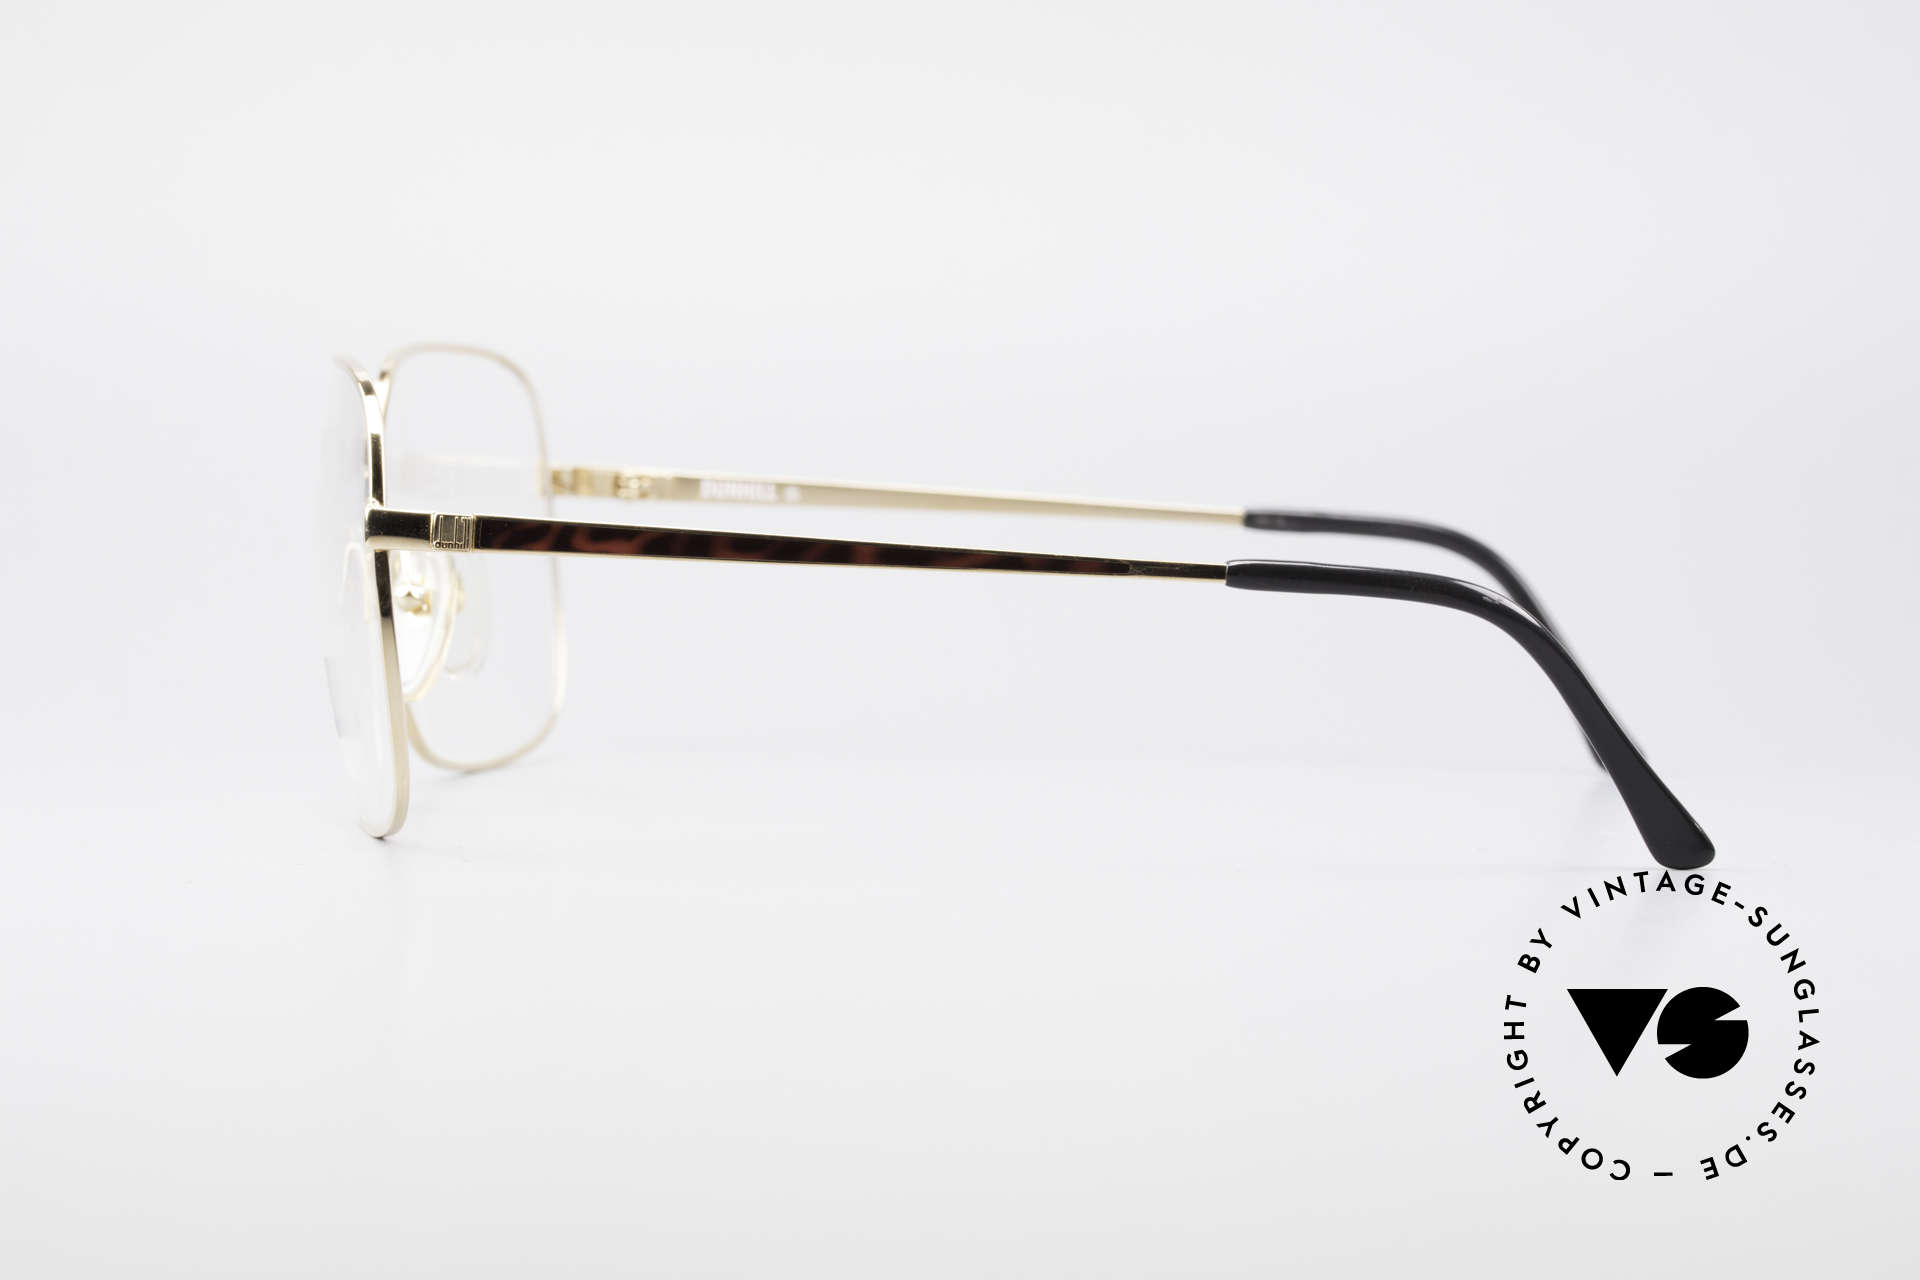 Dunhill 6090 Chinalack 90er Herrenbrille, KEIN RETRO, sondern ein kostbares altes ORIGINAL!, Passend für Herren